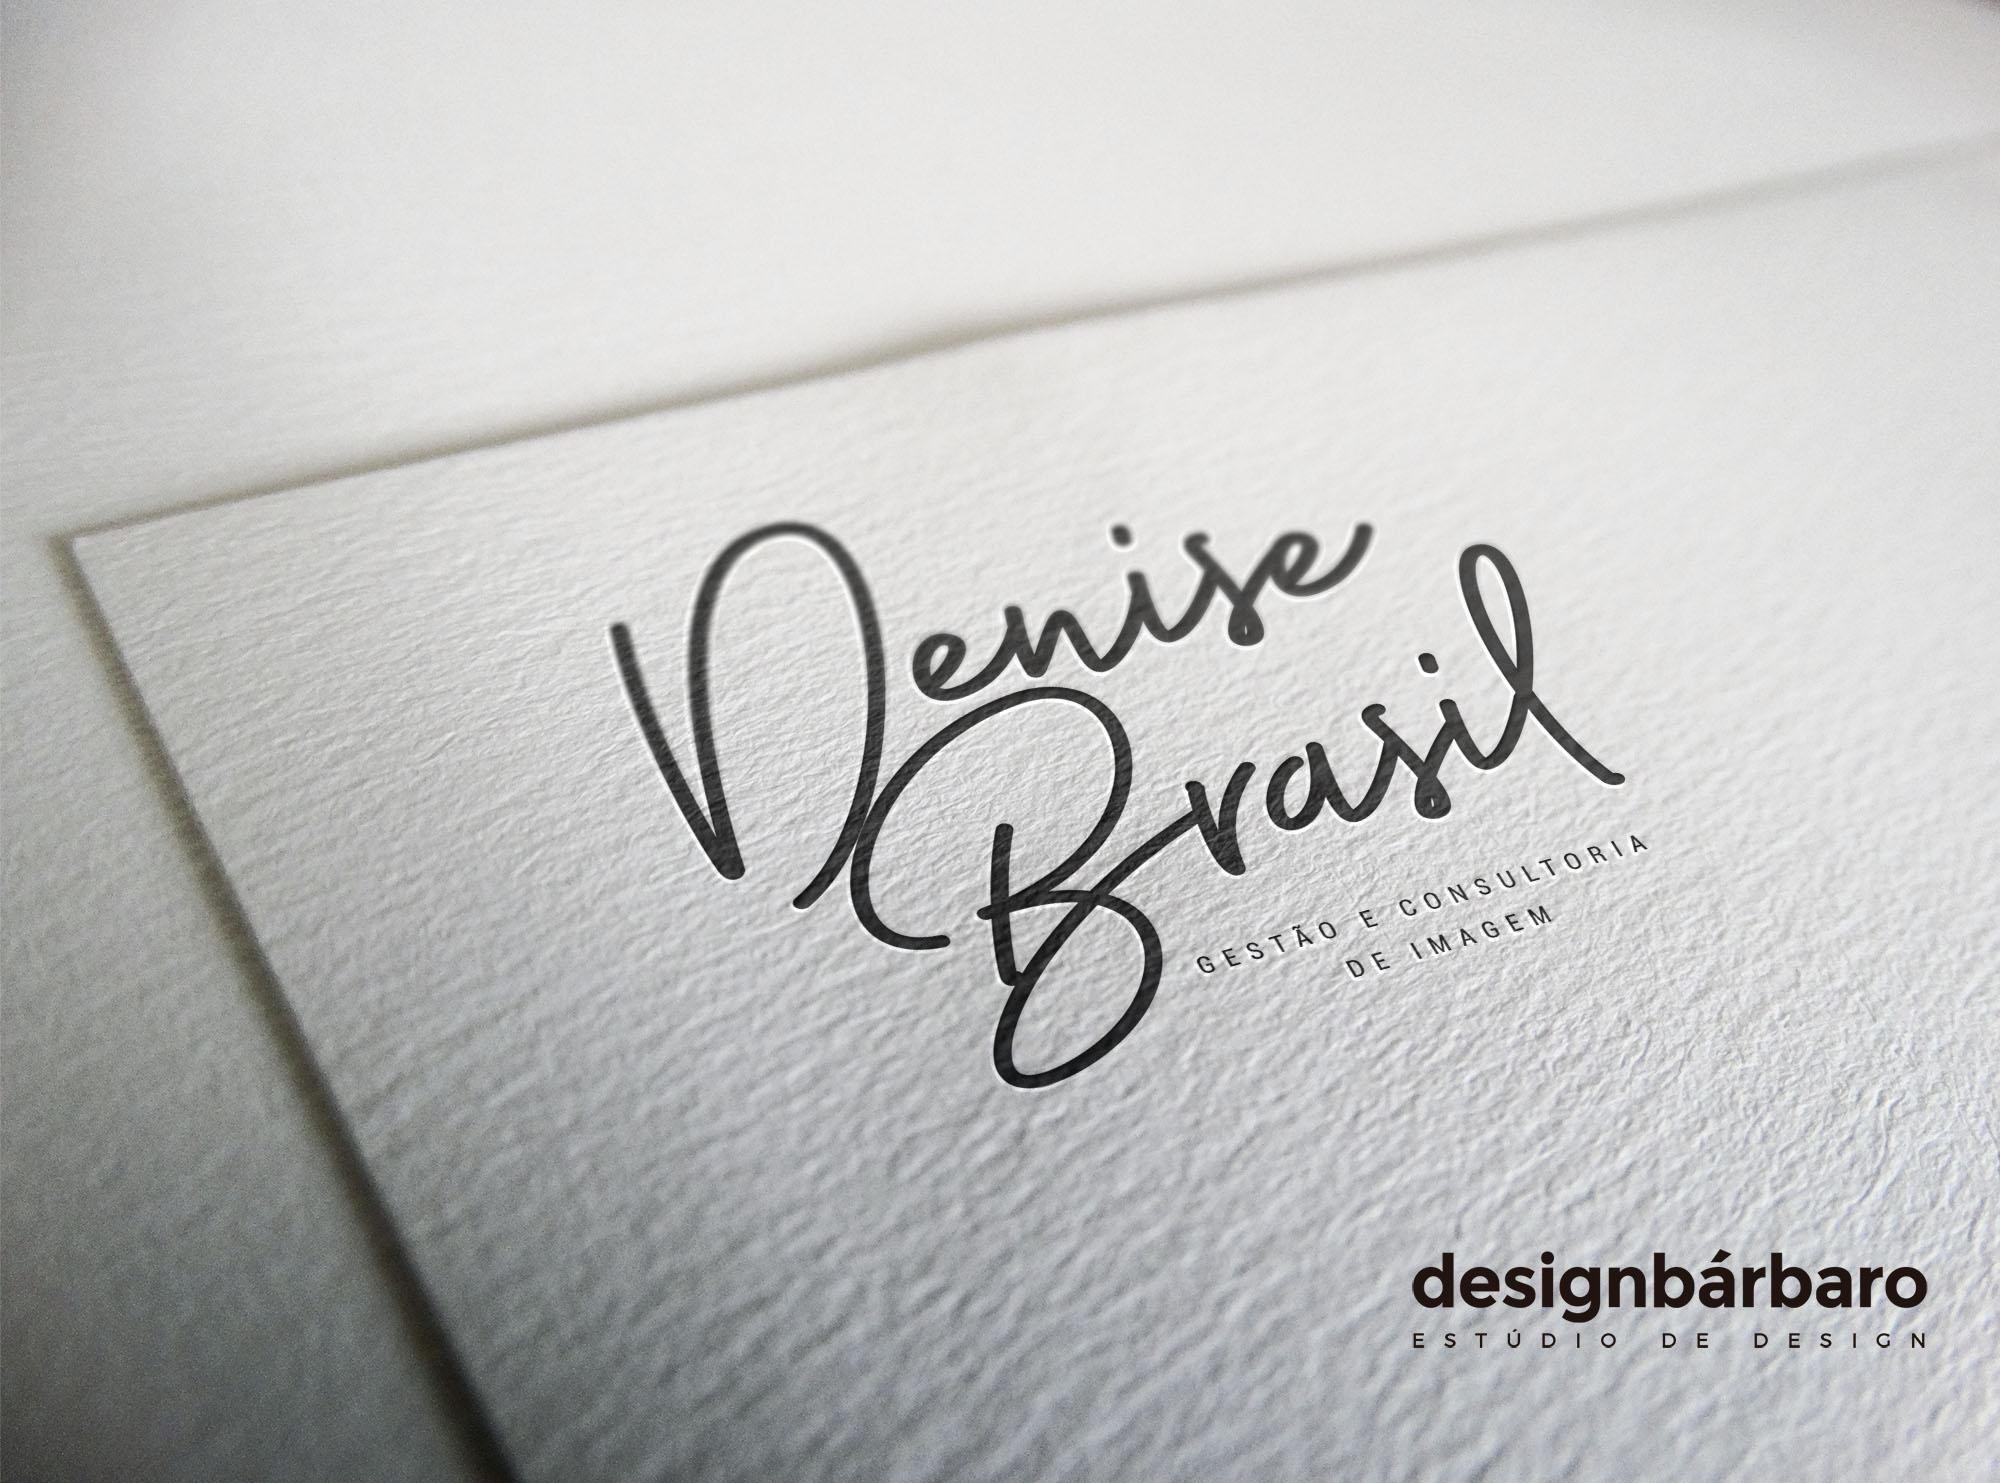 Denise Brasil